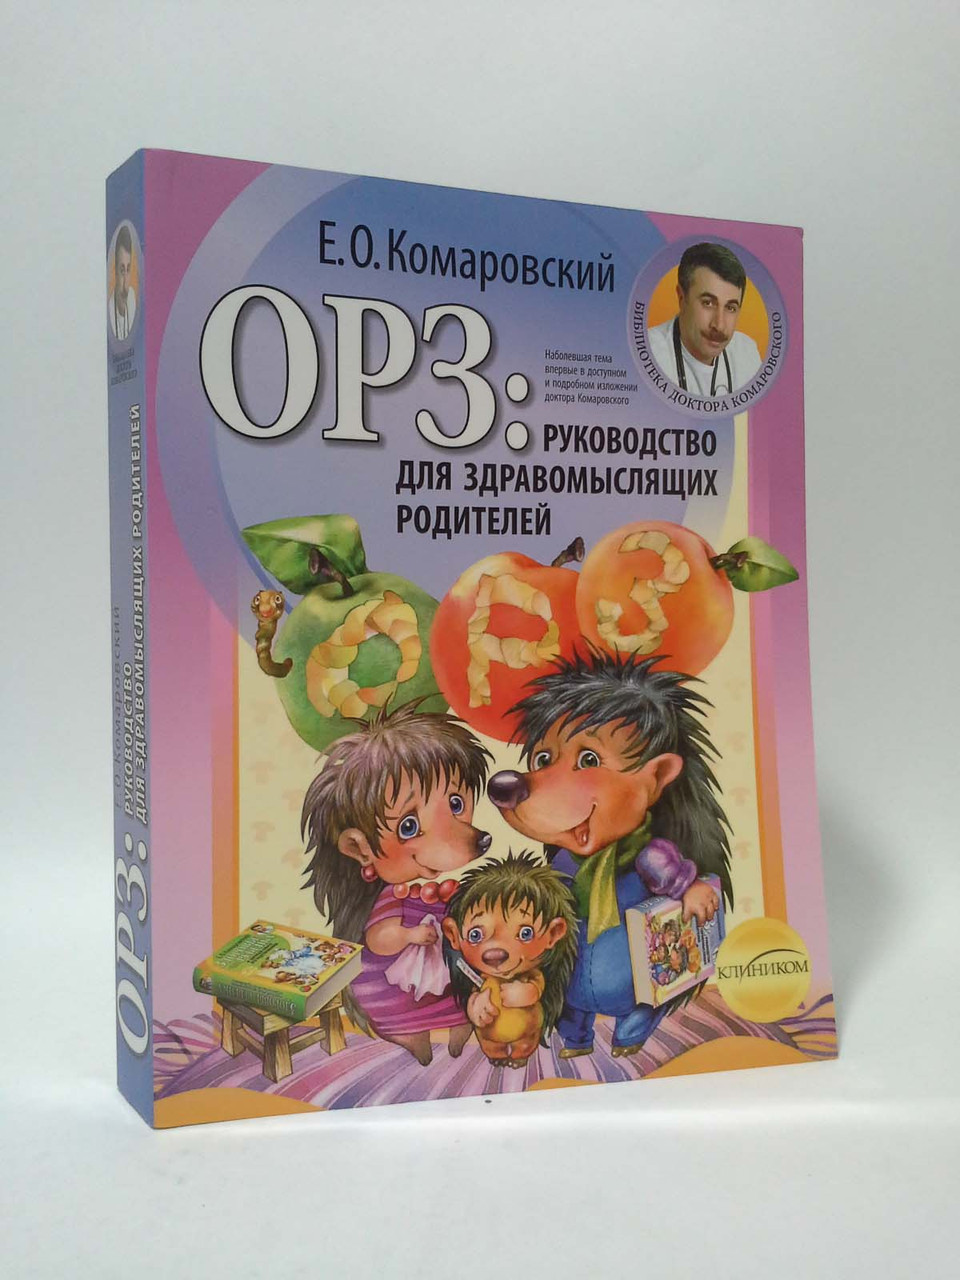 ОРЗ - руководство для здравомыслящих родителей. Комаровский. Клиноком